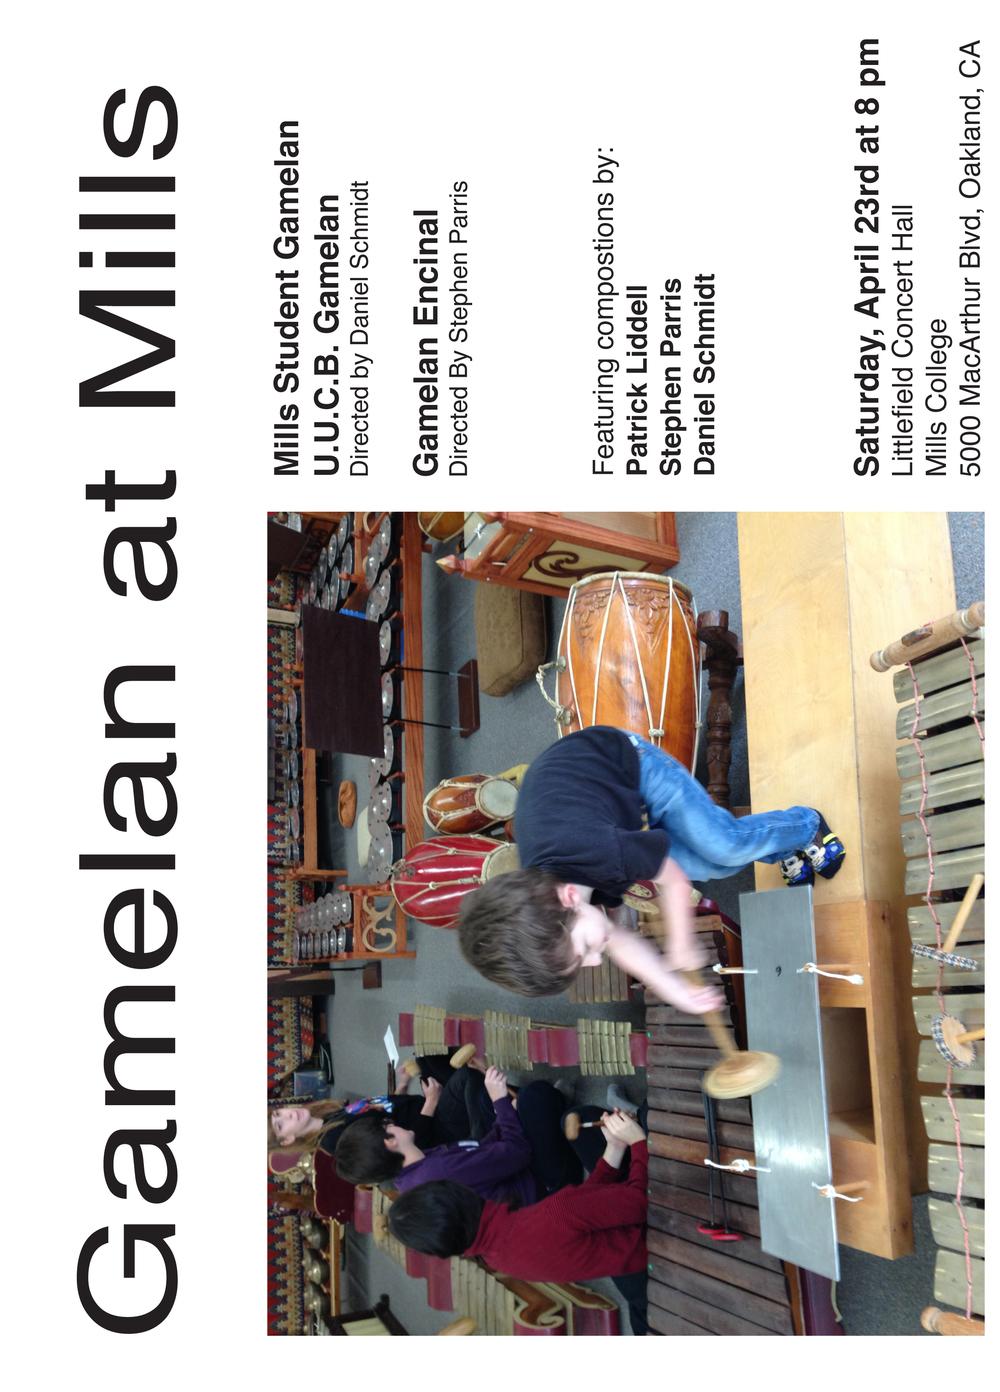 Mills Gamelan Poster 4-16.jpg